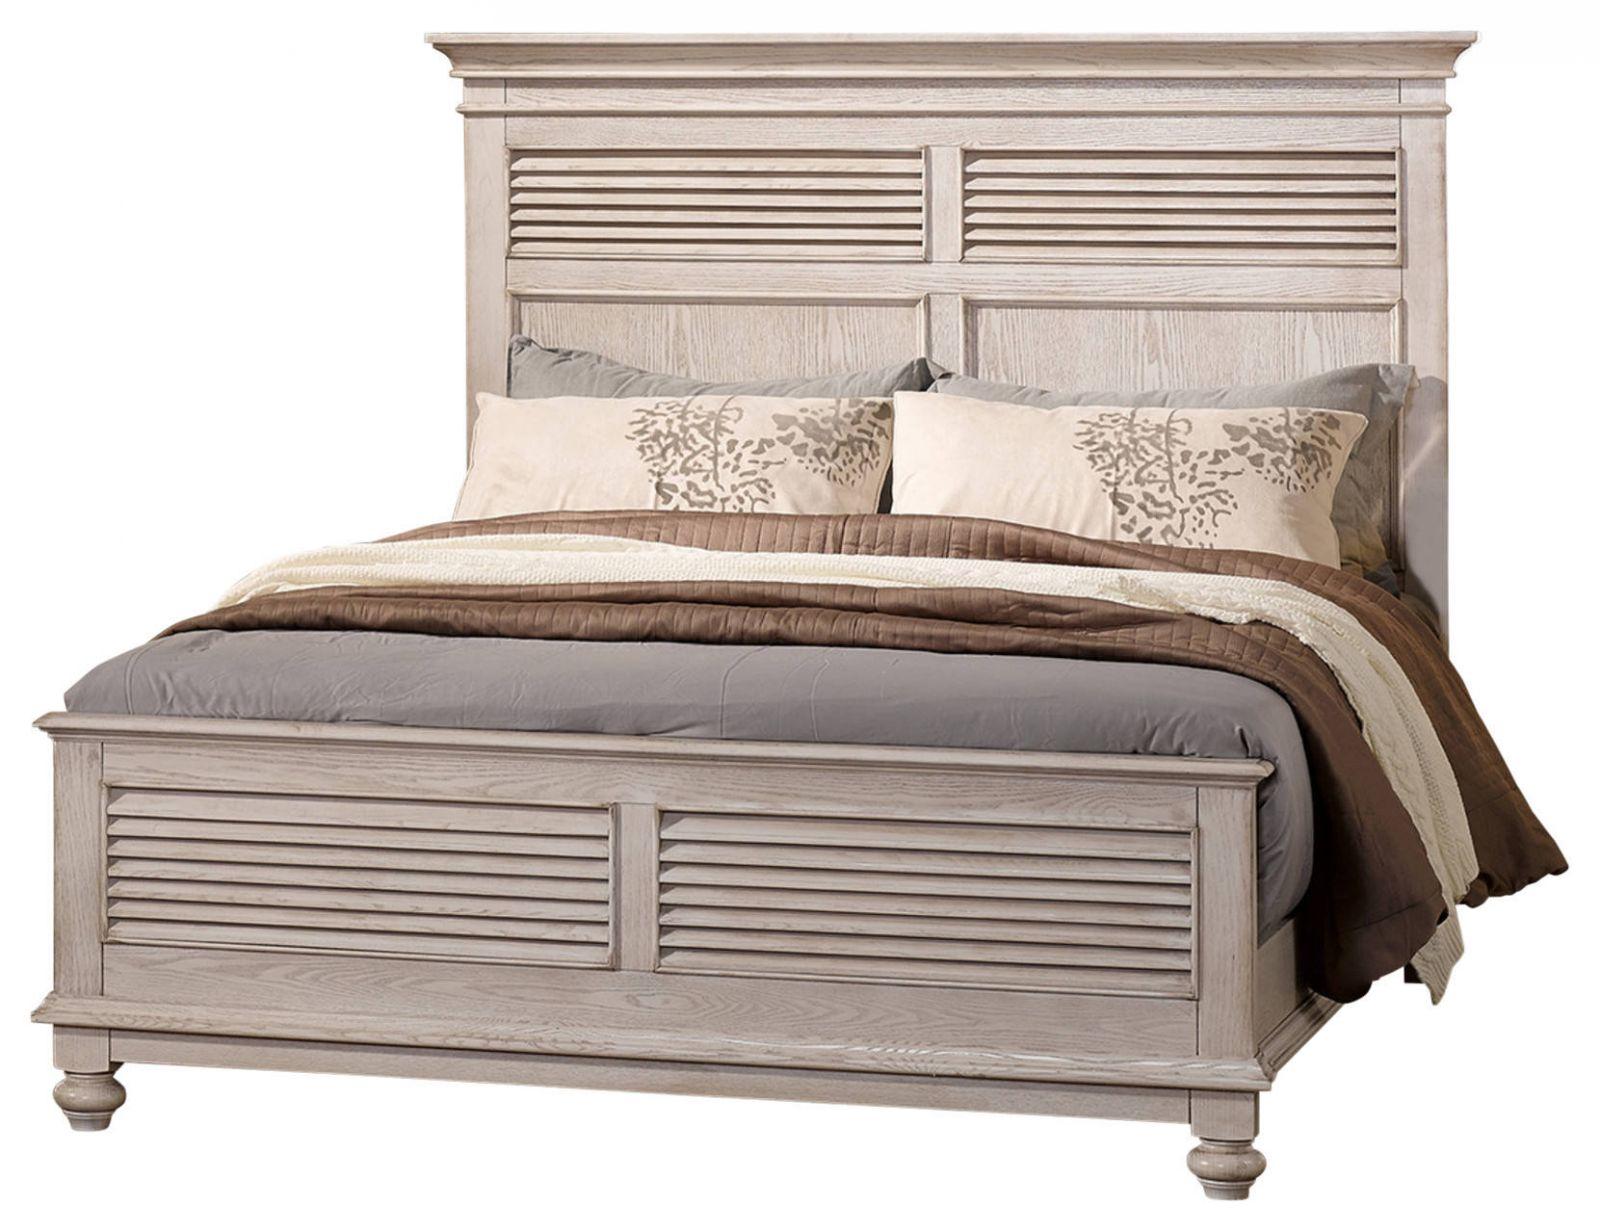 Lakeport II King Bed